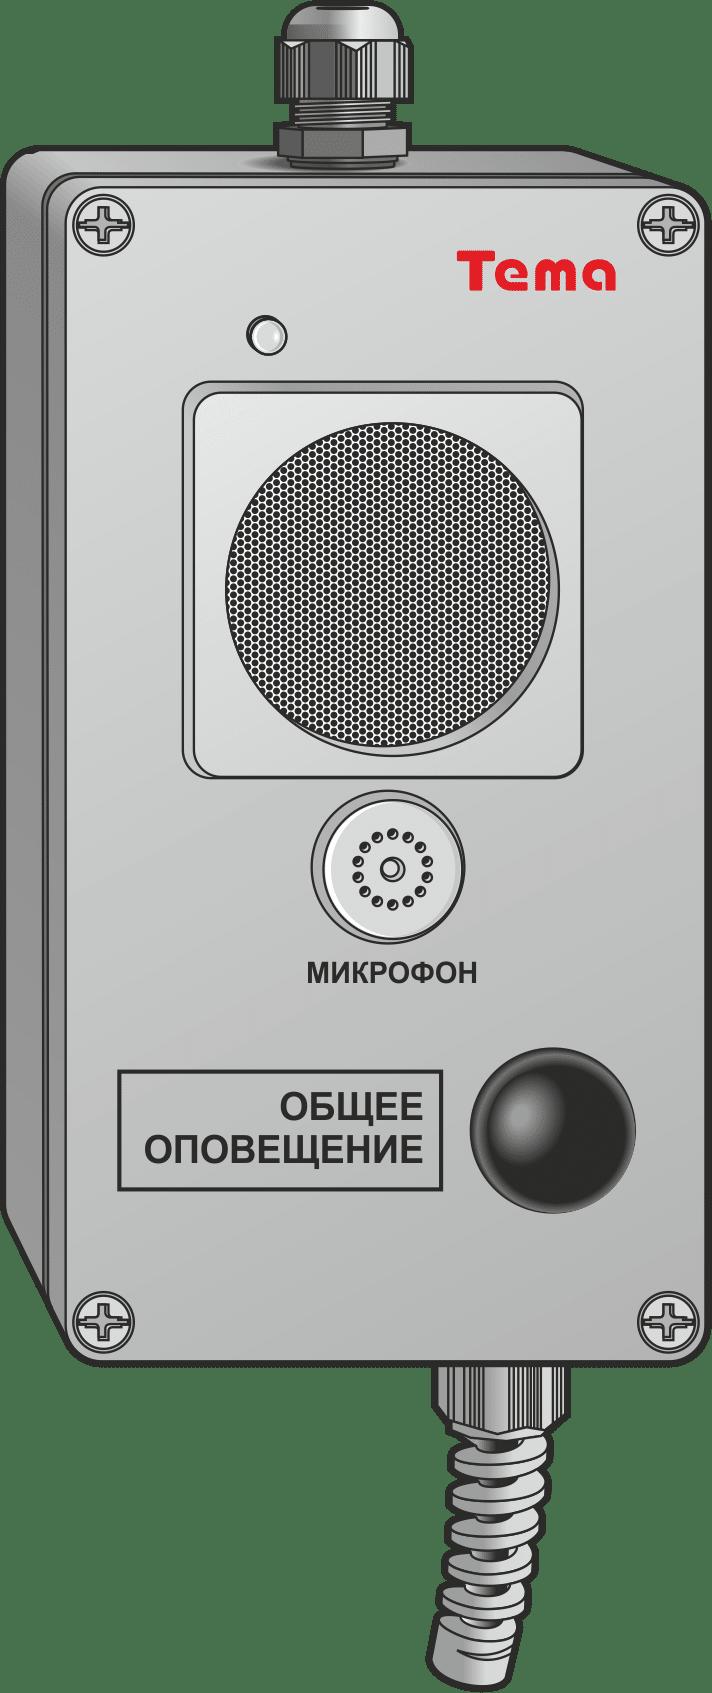 Переговорное устройство Tema-A12.20-220-m65